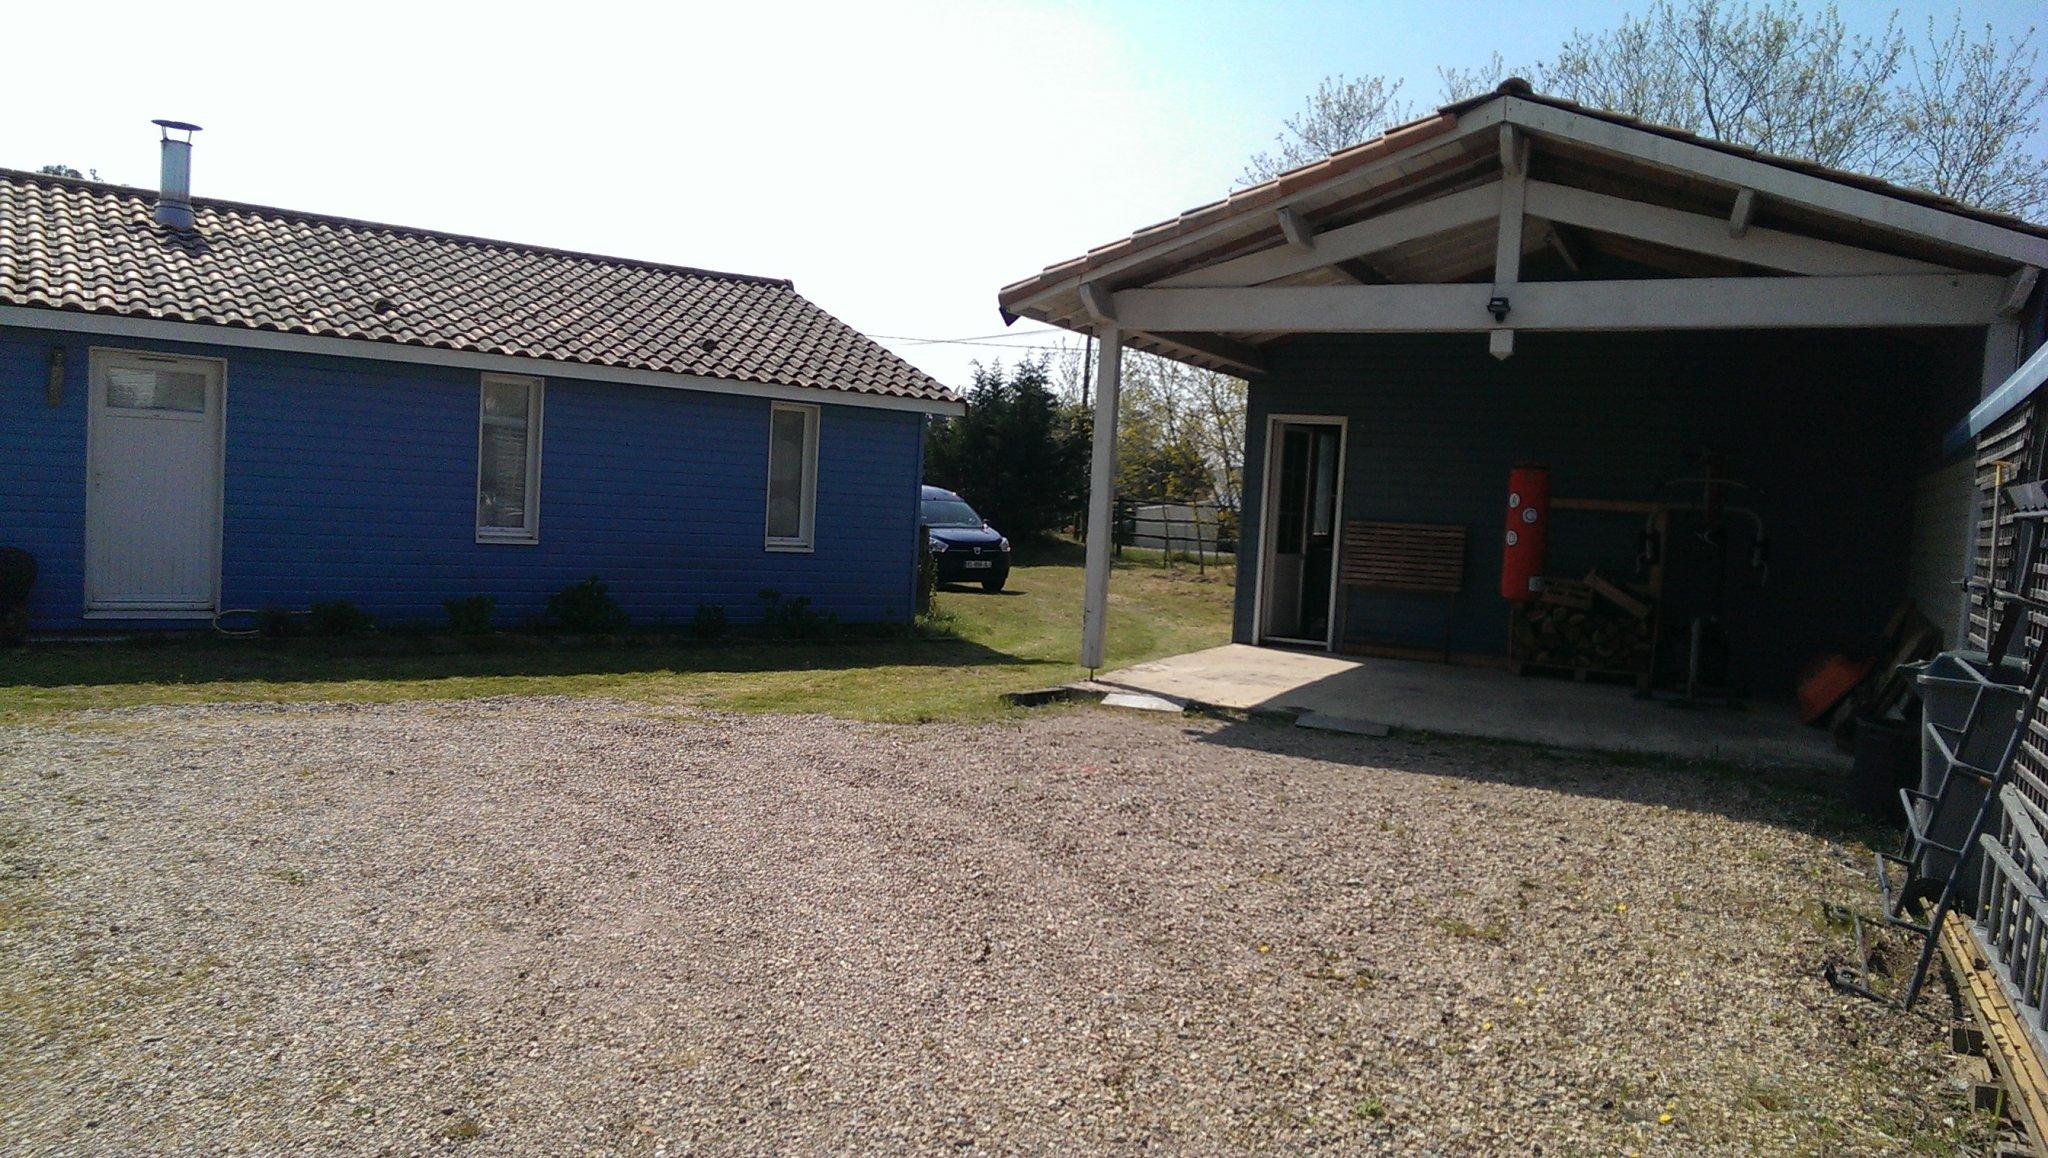 Belle maison en bois au calme dans la campagne à 5 min de la mer – Saint-Hilaire-de-Riez